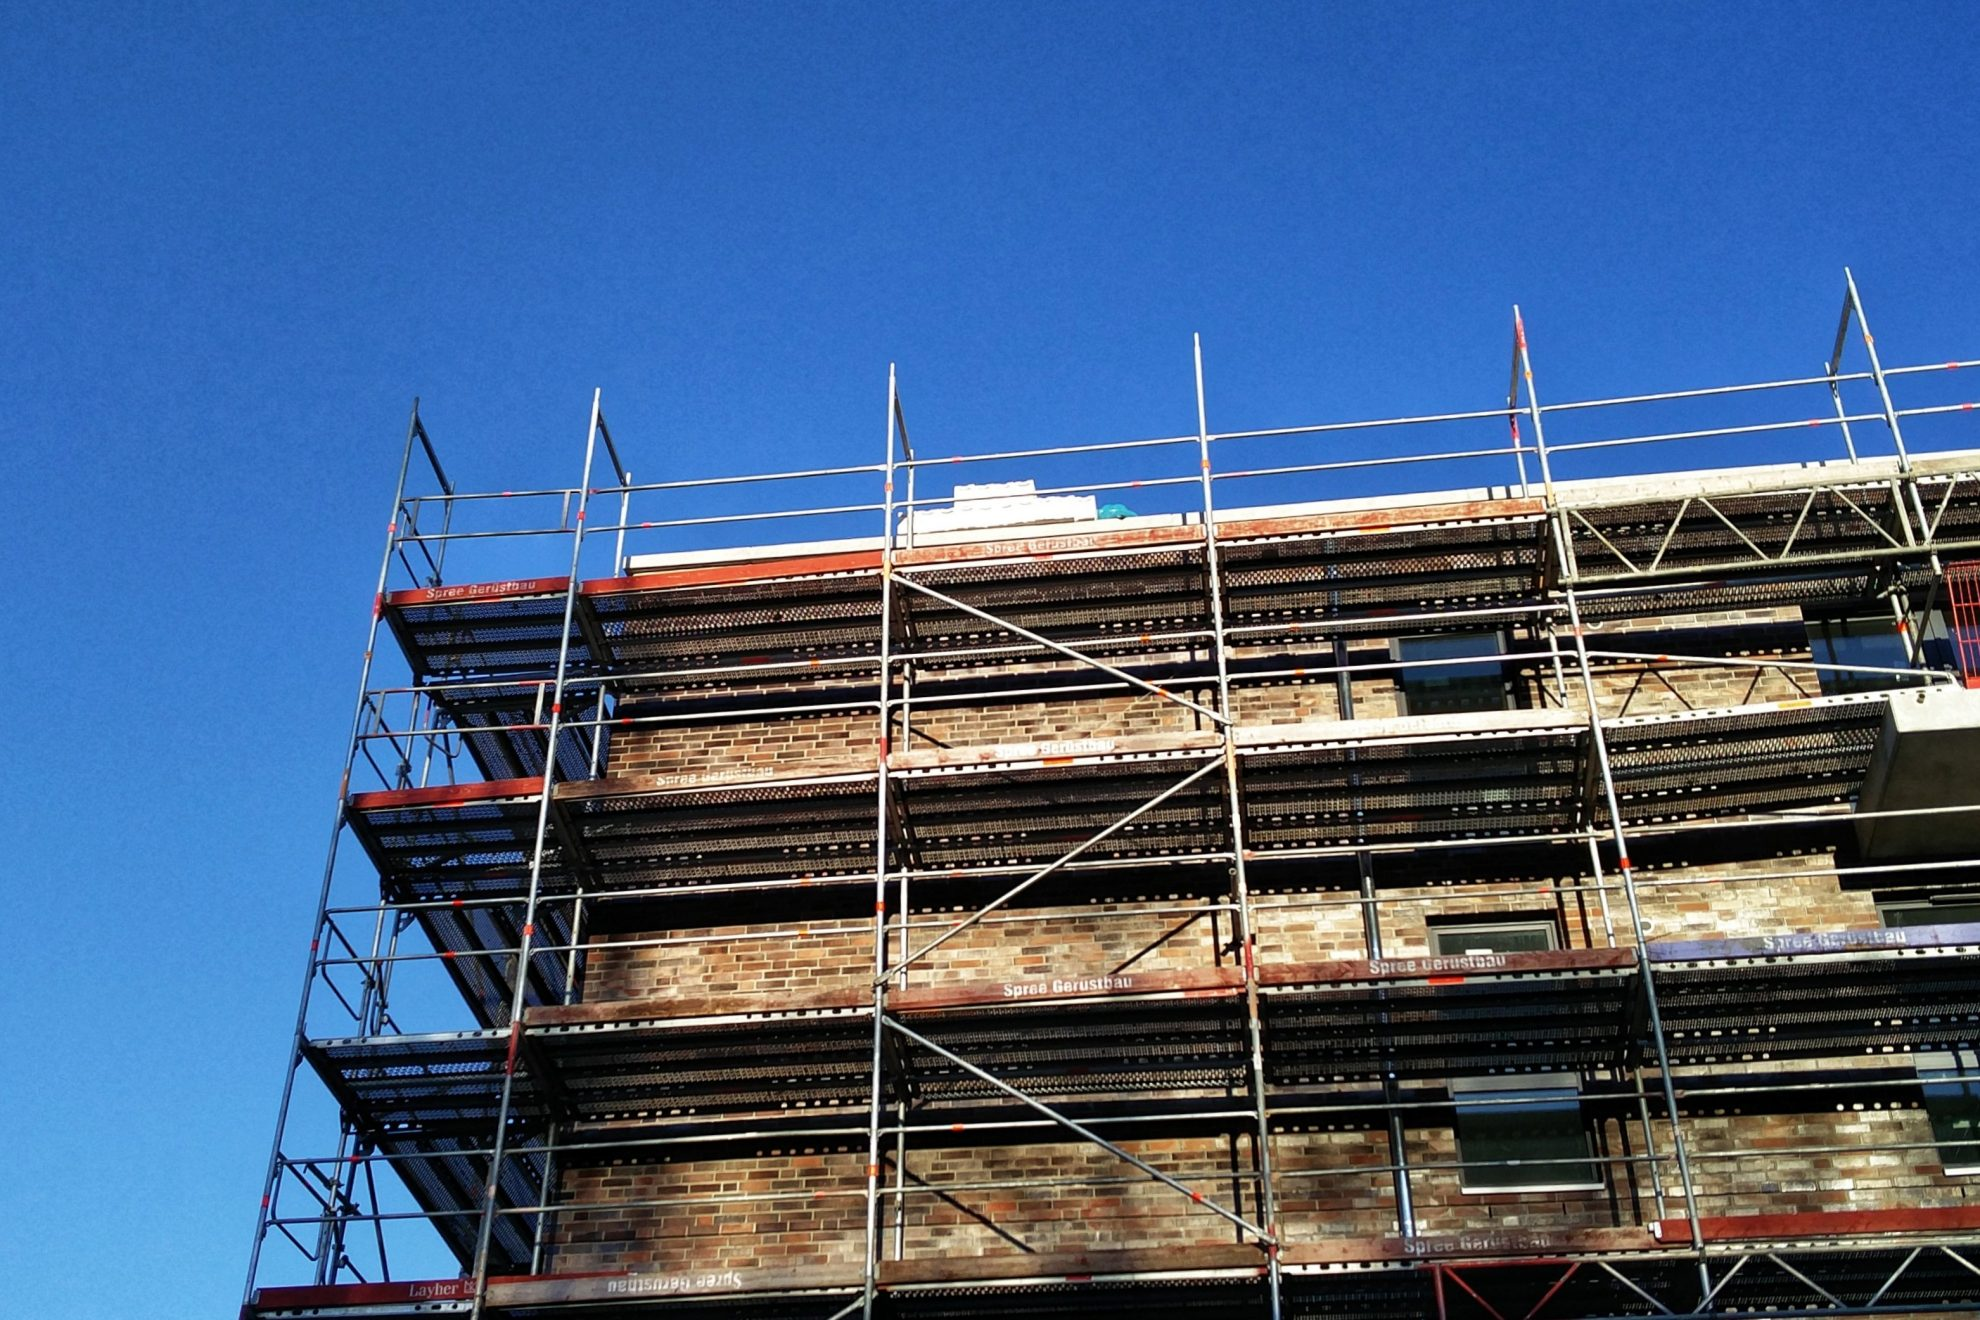 Baustelle: Ein Mietshaus wird gebaut.